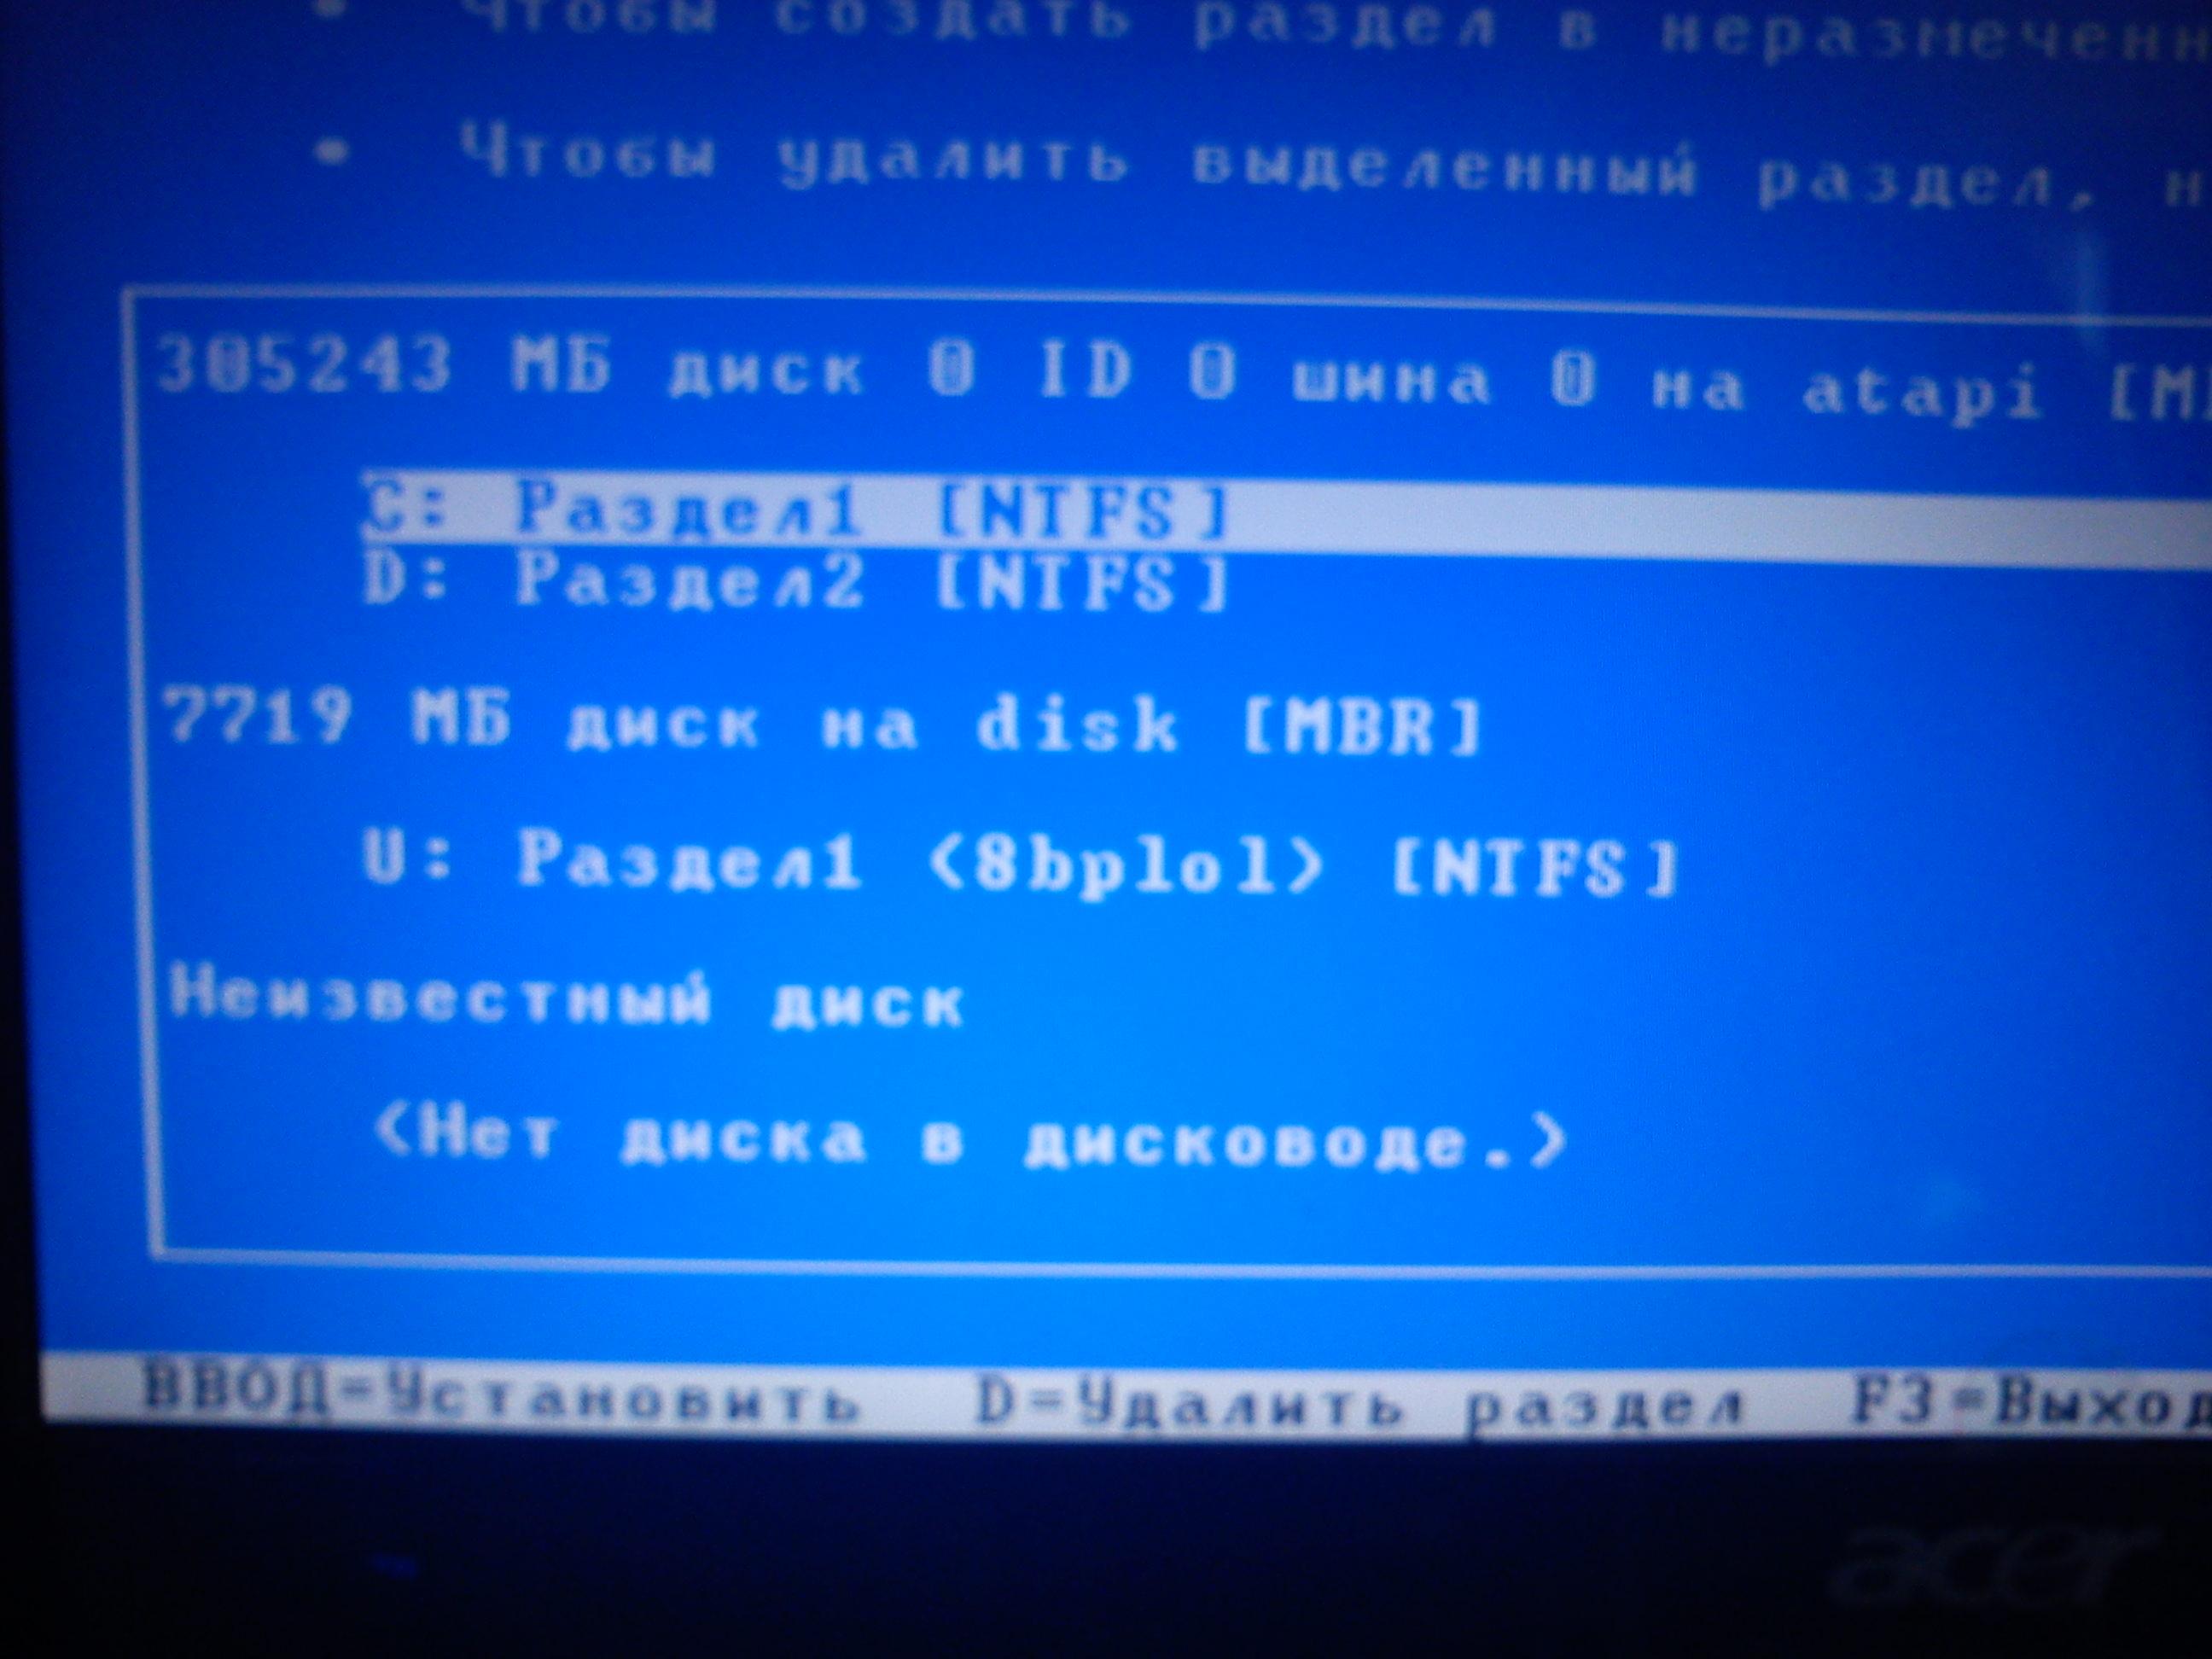 Как сделать так чтобы компьютер загружался с жесткого диска